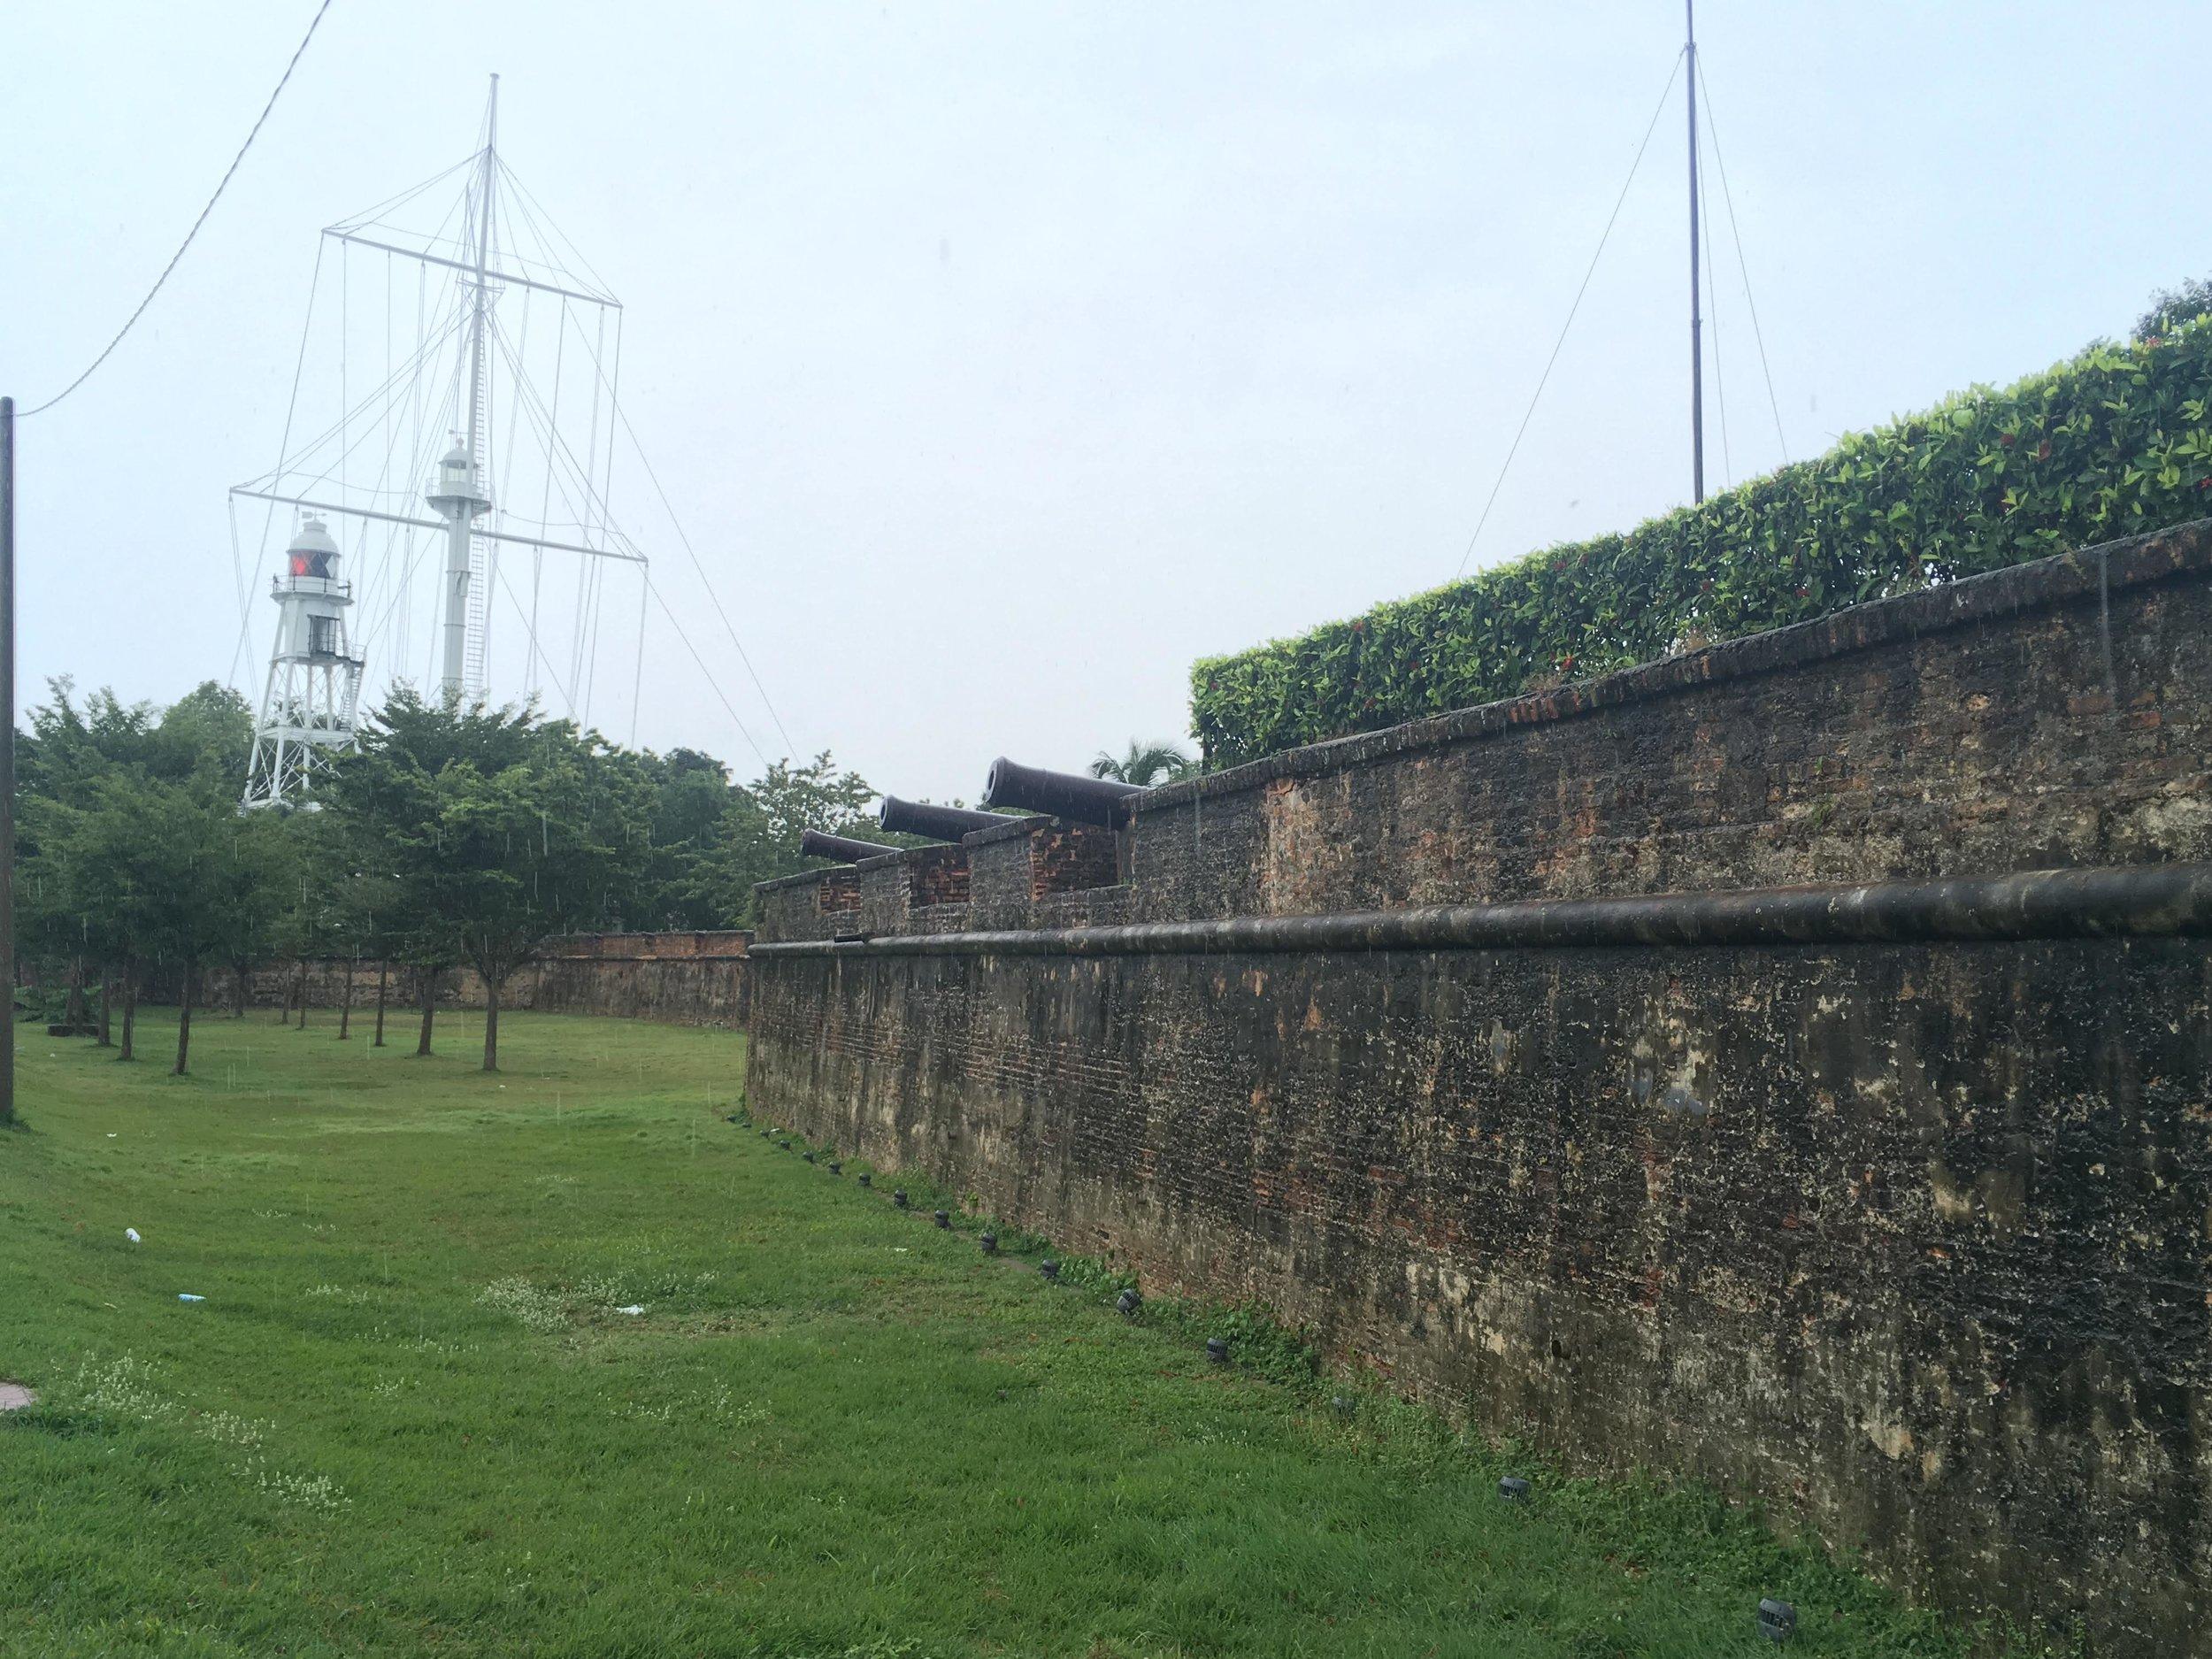 cannons at Fort Cornwallis, Penang, Malaysia